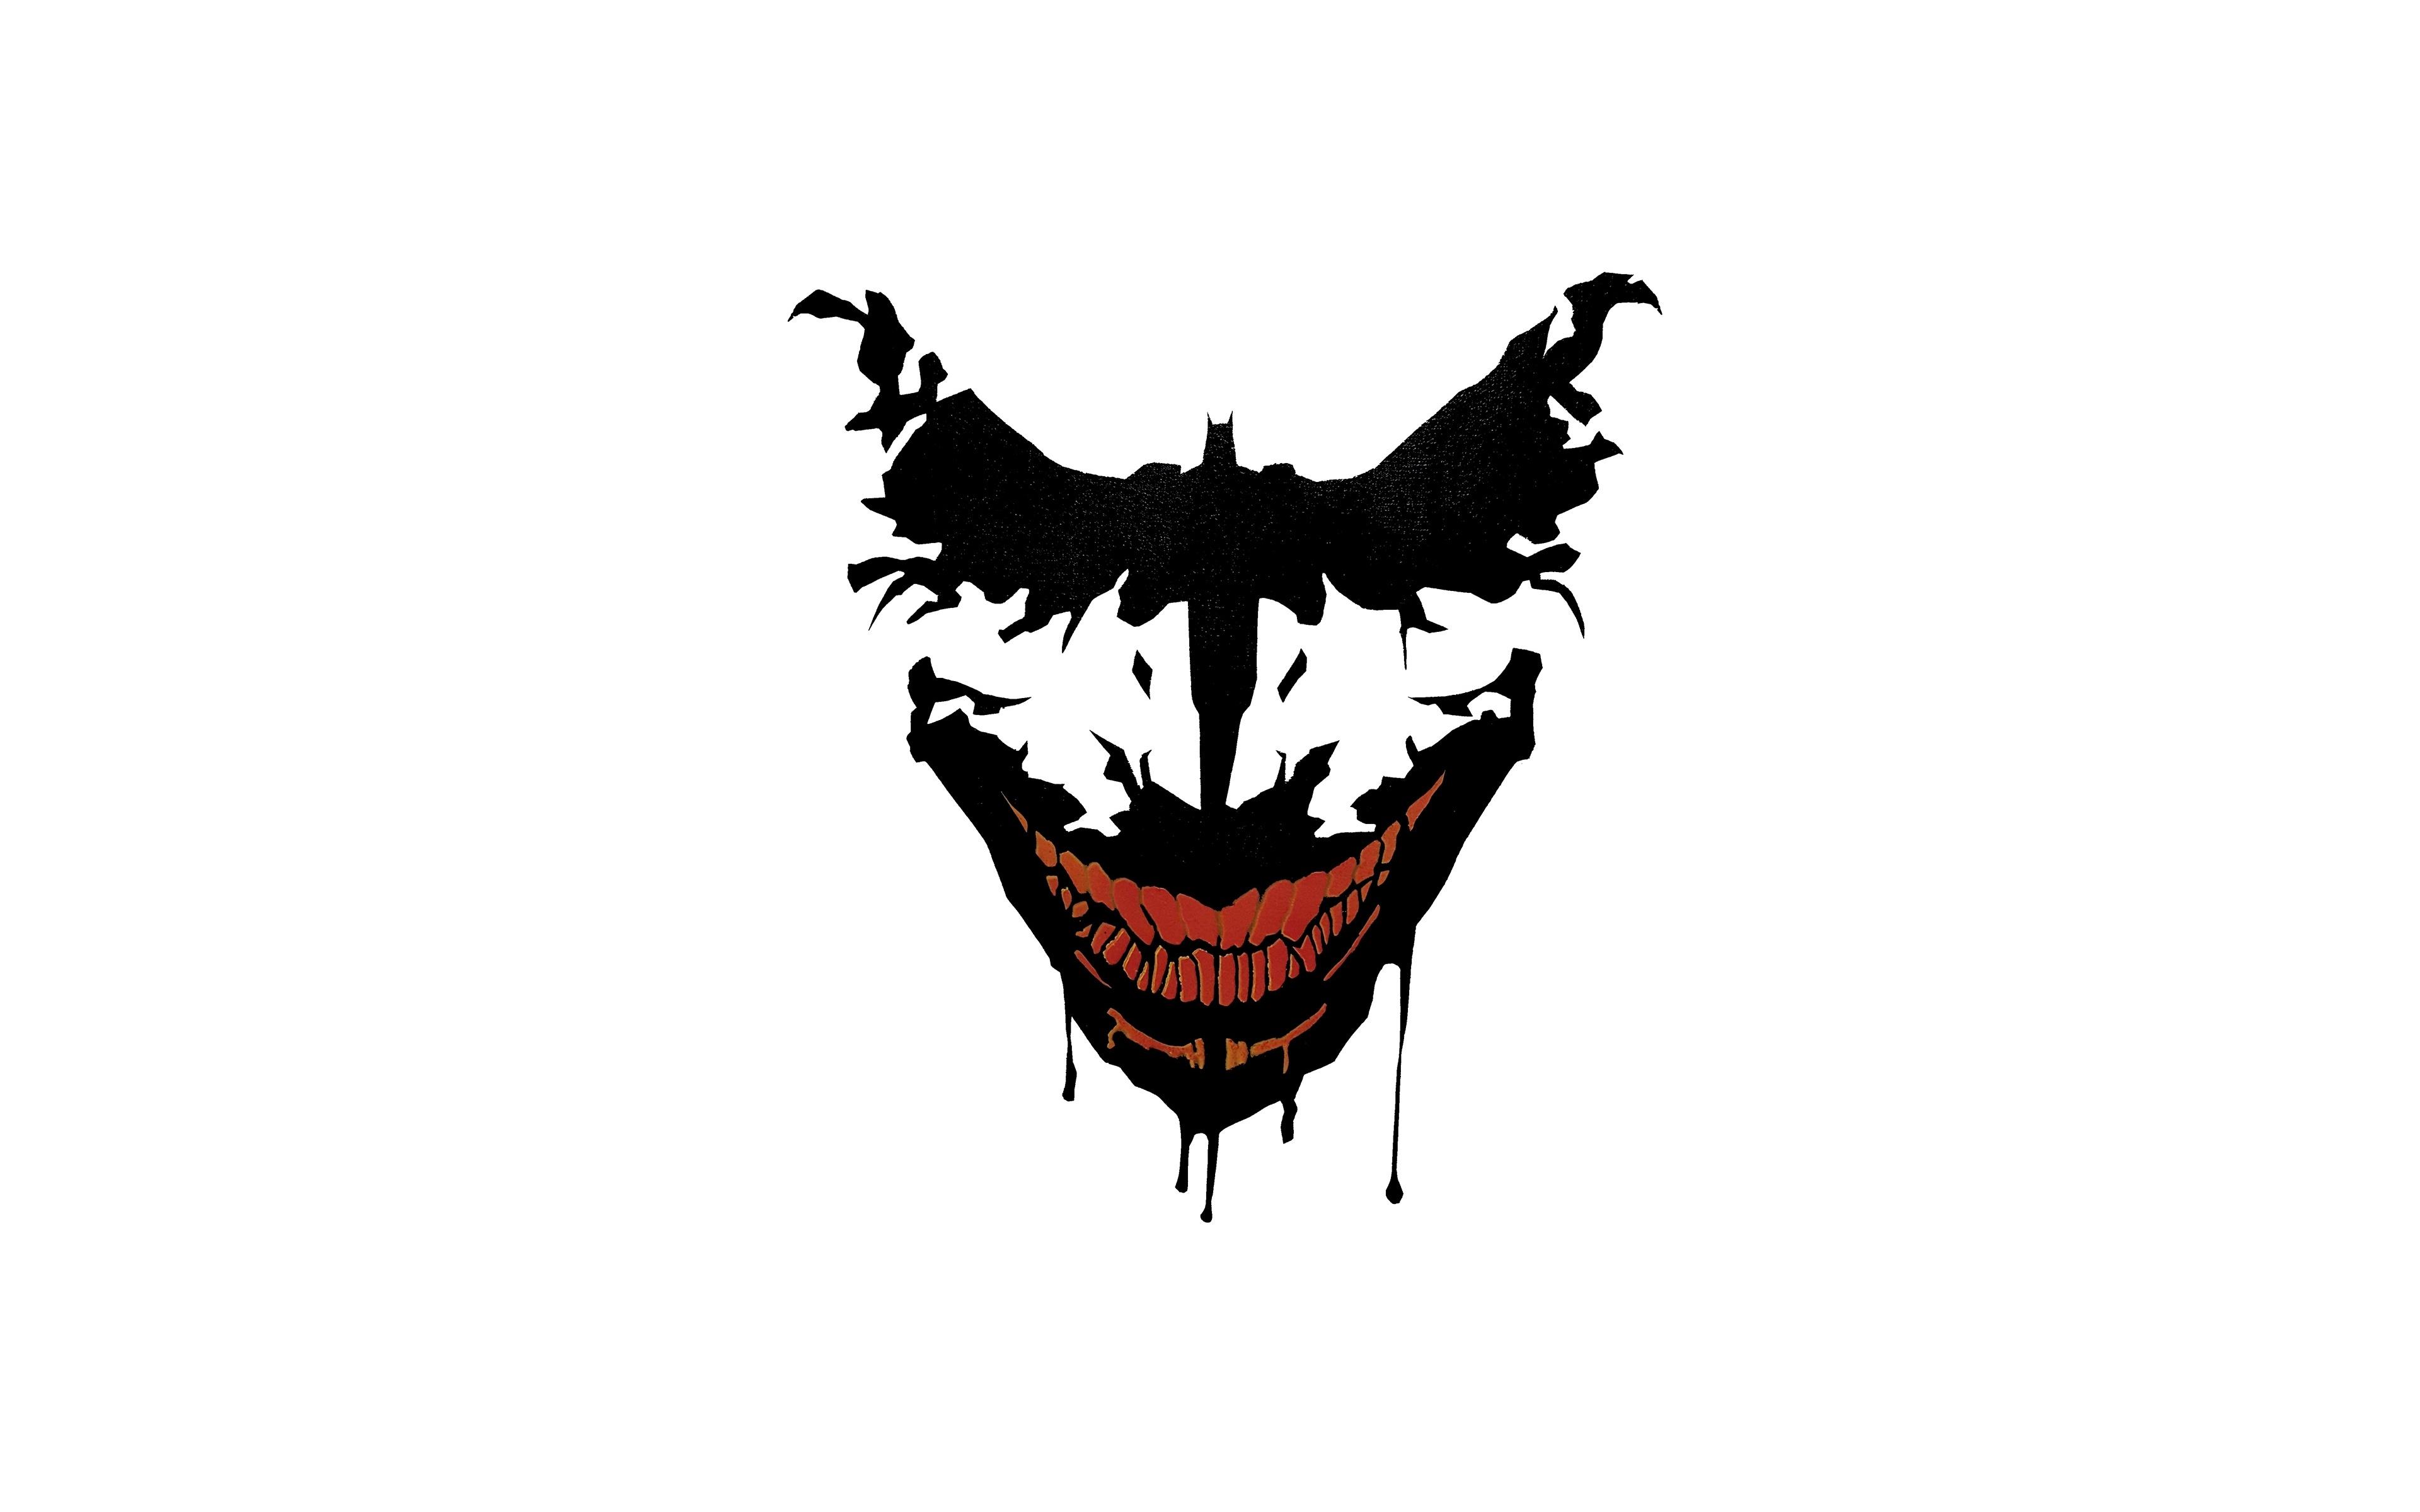 Download 3840x2400 Wallpaper Joker Smile Minimal Art 4k